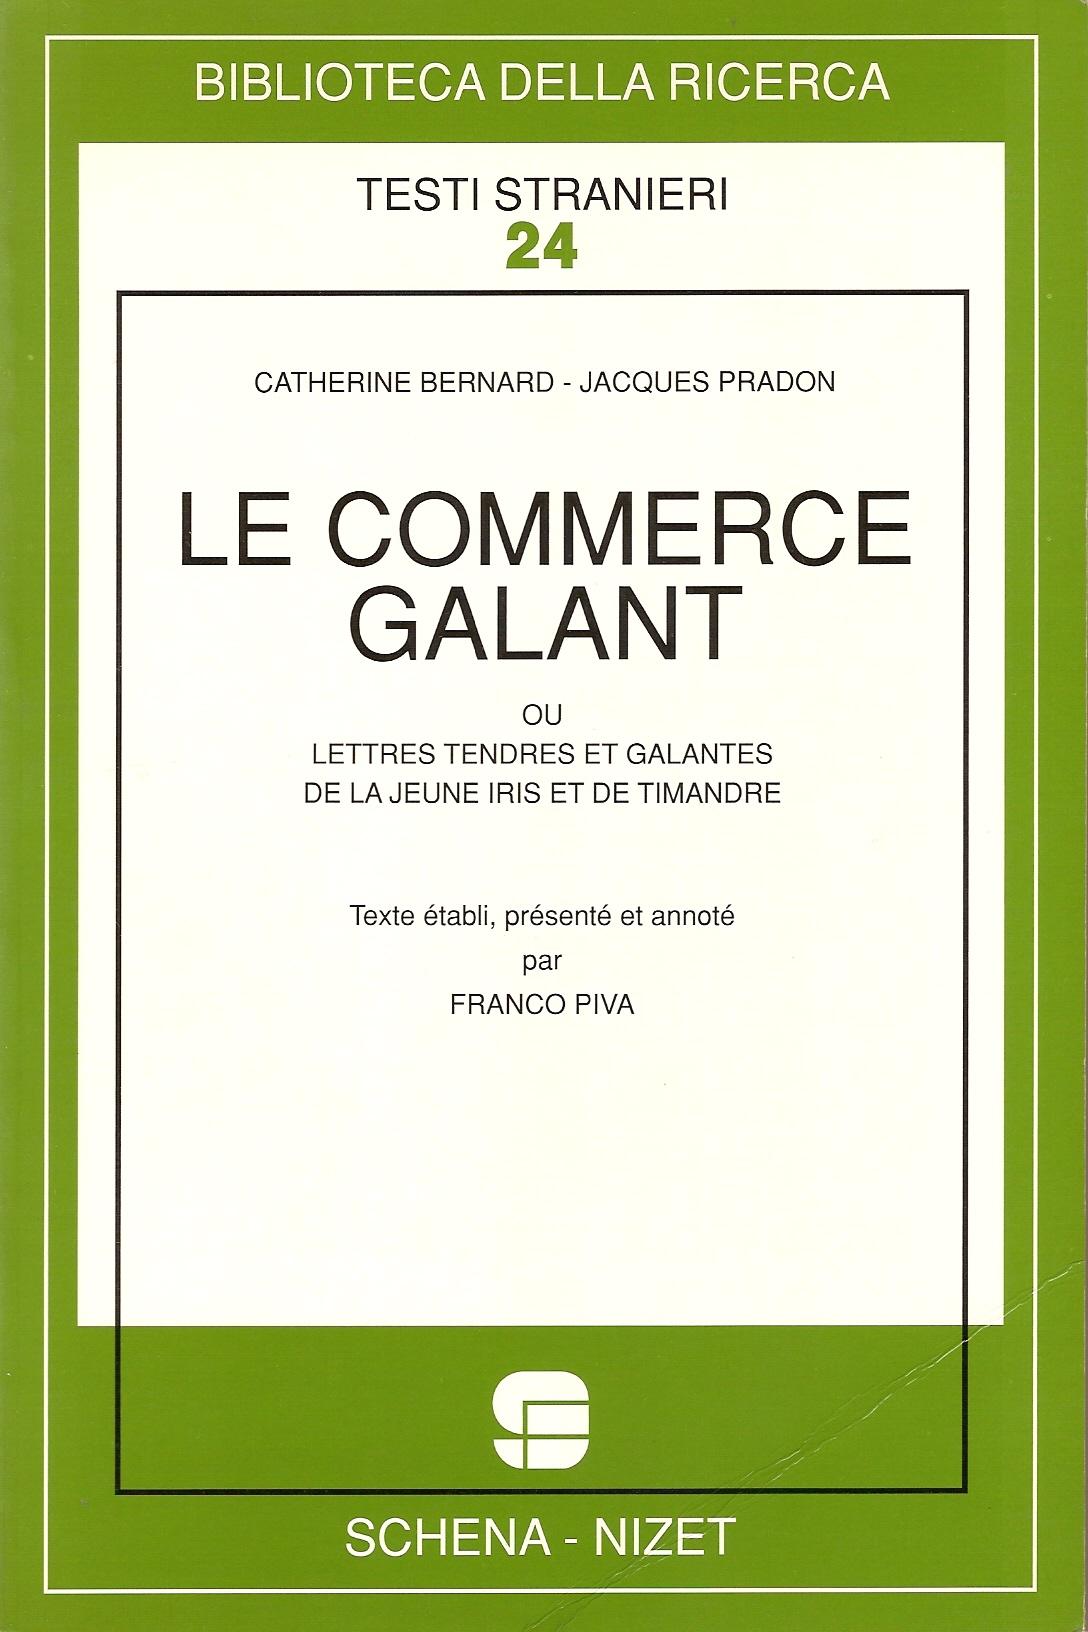 Le commerce galant, ou, Lettres tendres et galantes de la jeune Iris et de Timandre